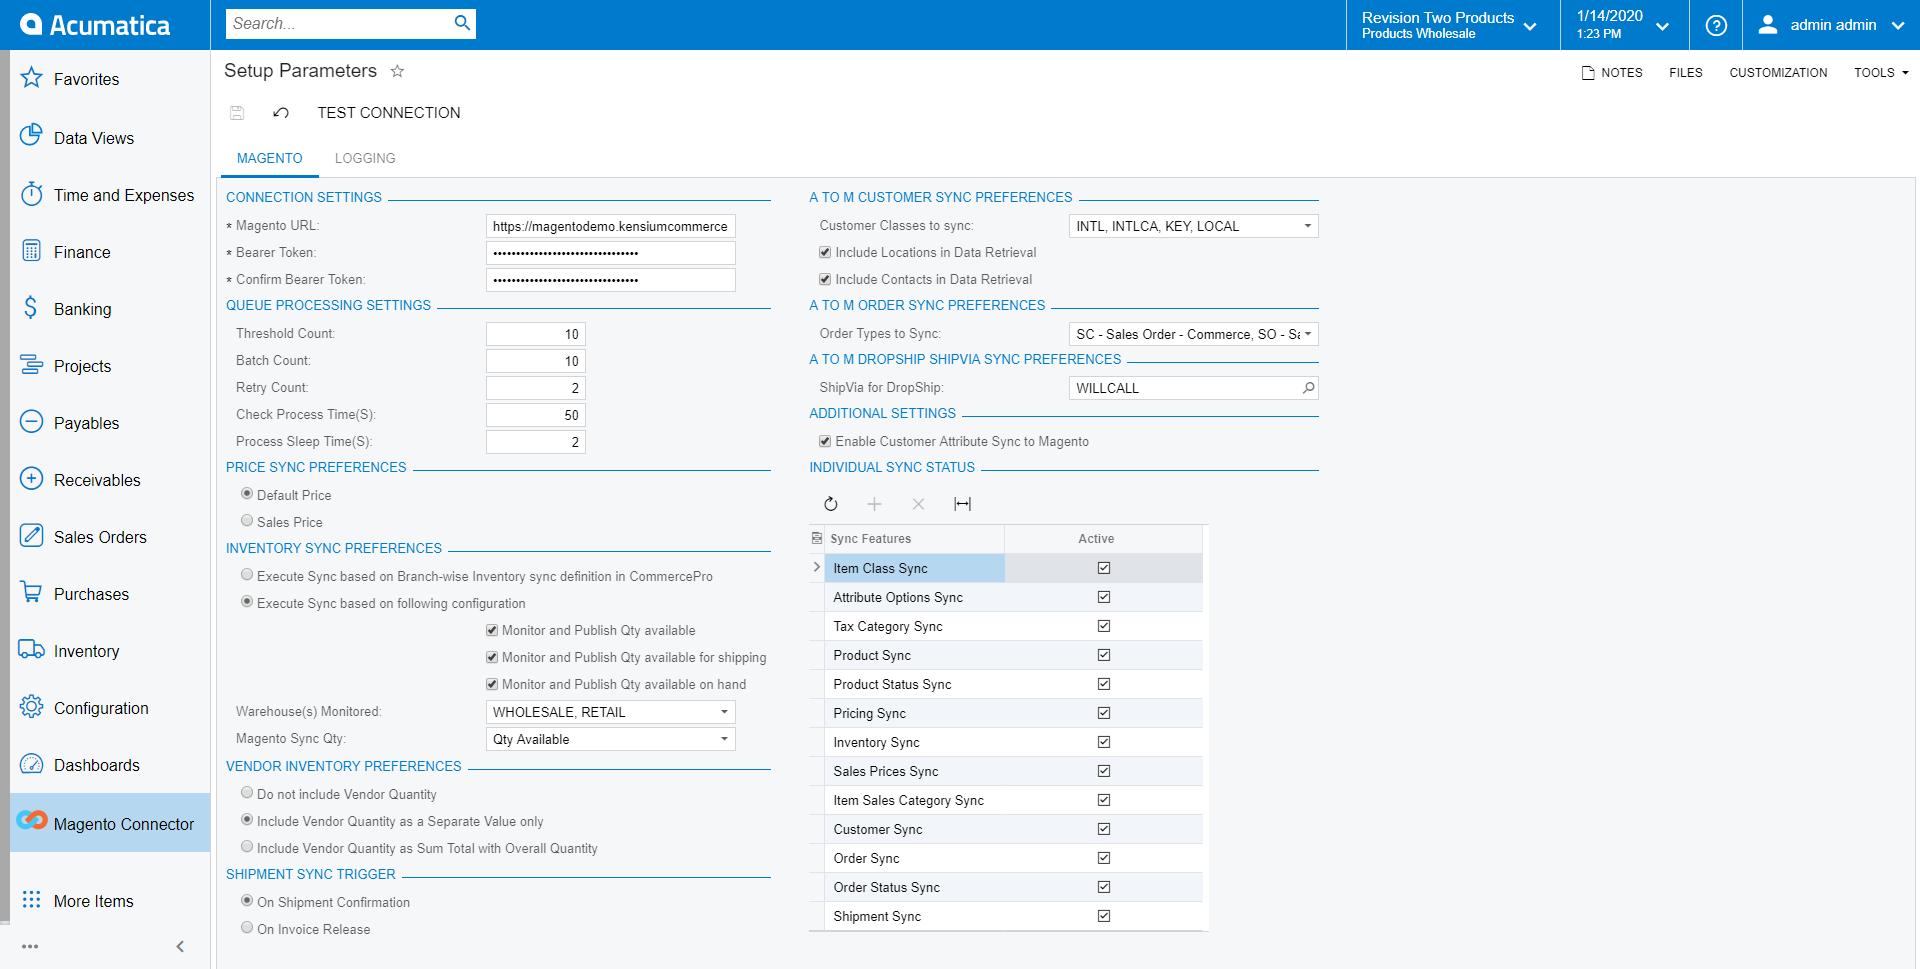 Setup Parameters Screen in Acumatica